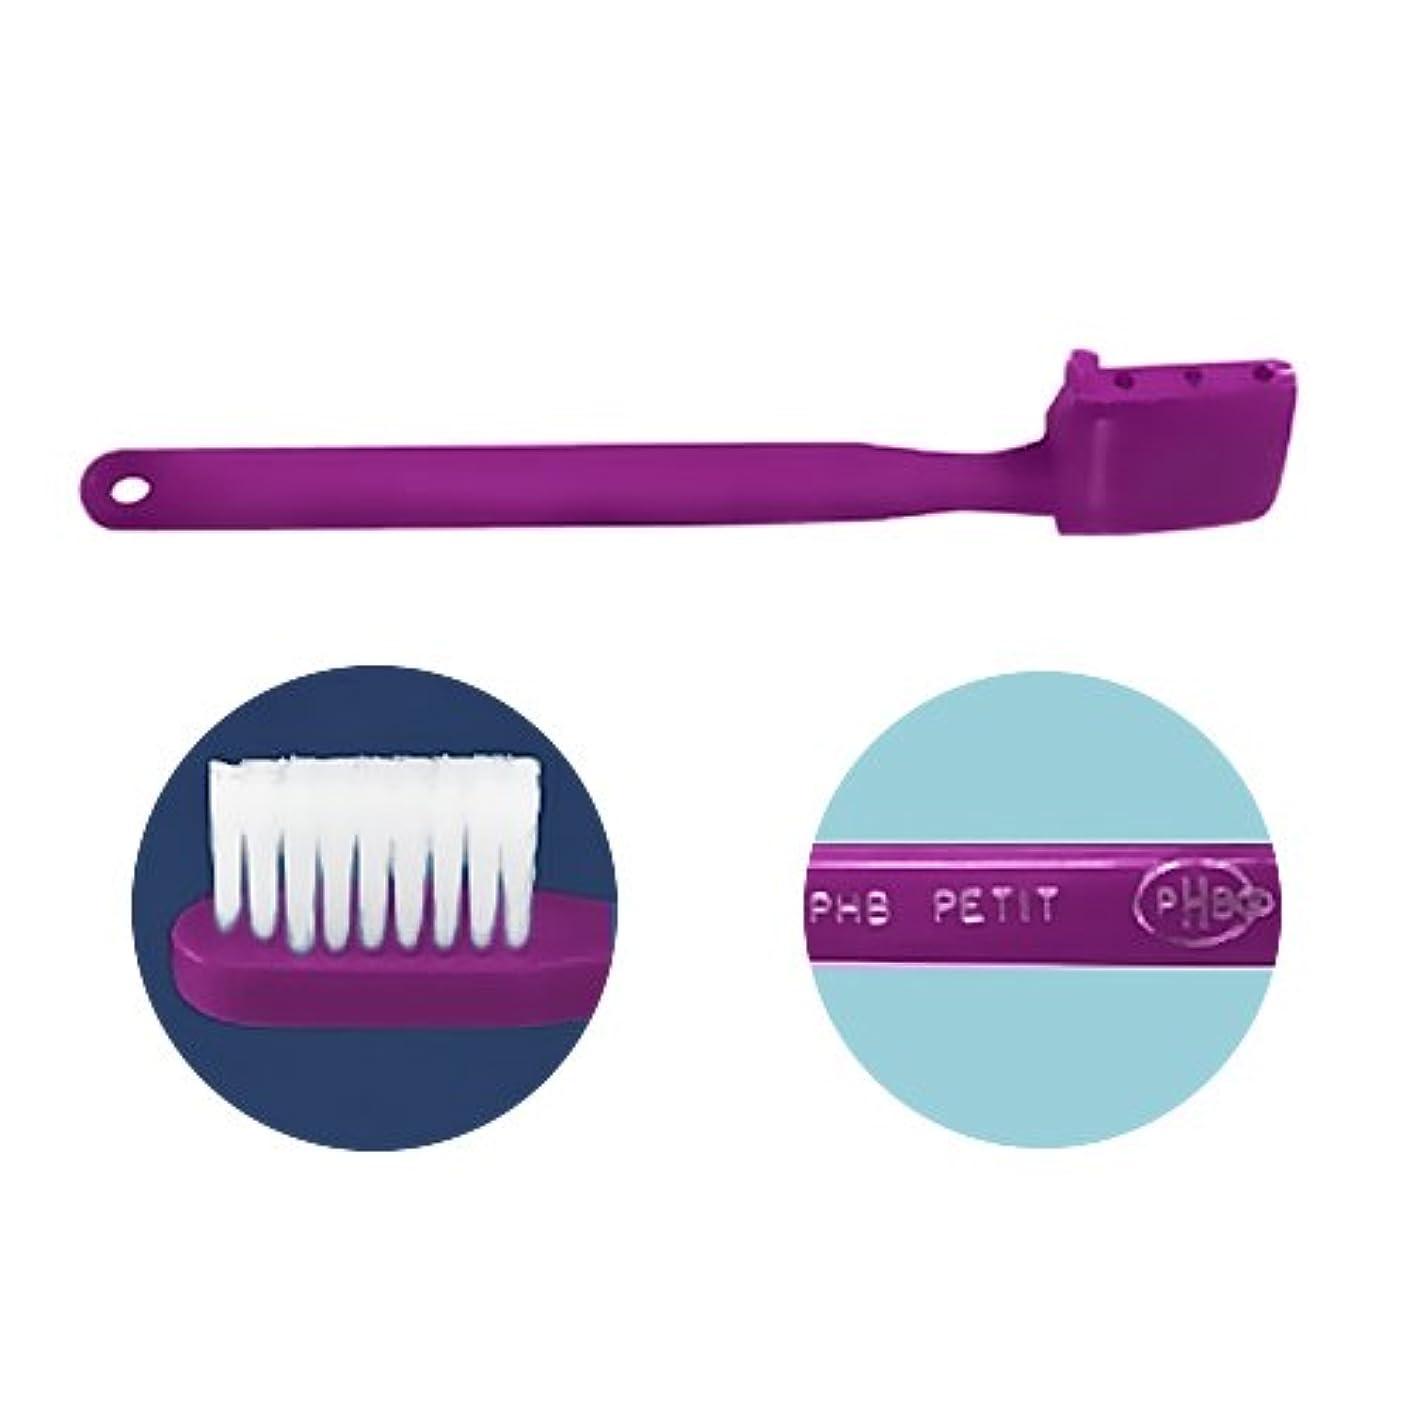 ブラウス拍手証言するPHB 歯ブラシ プチサイズ 1本 ネオンパープル